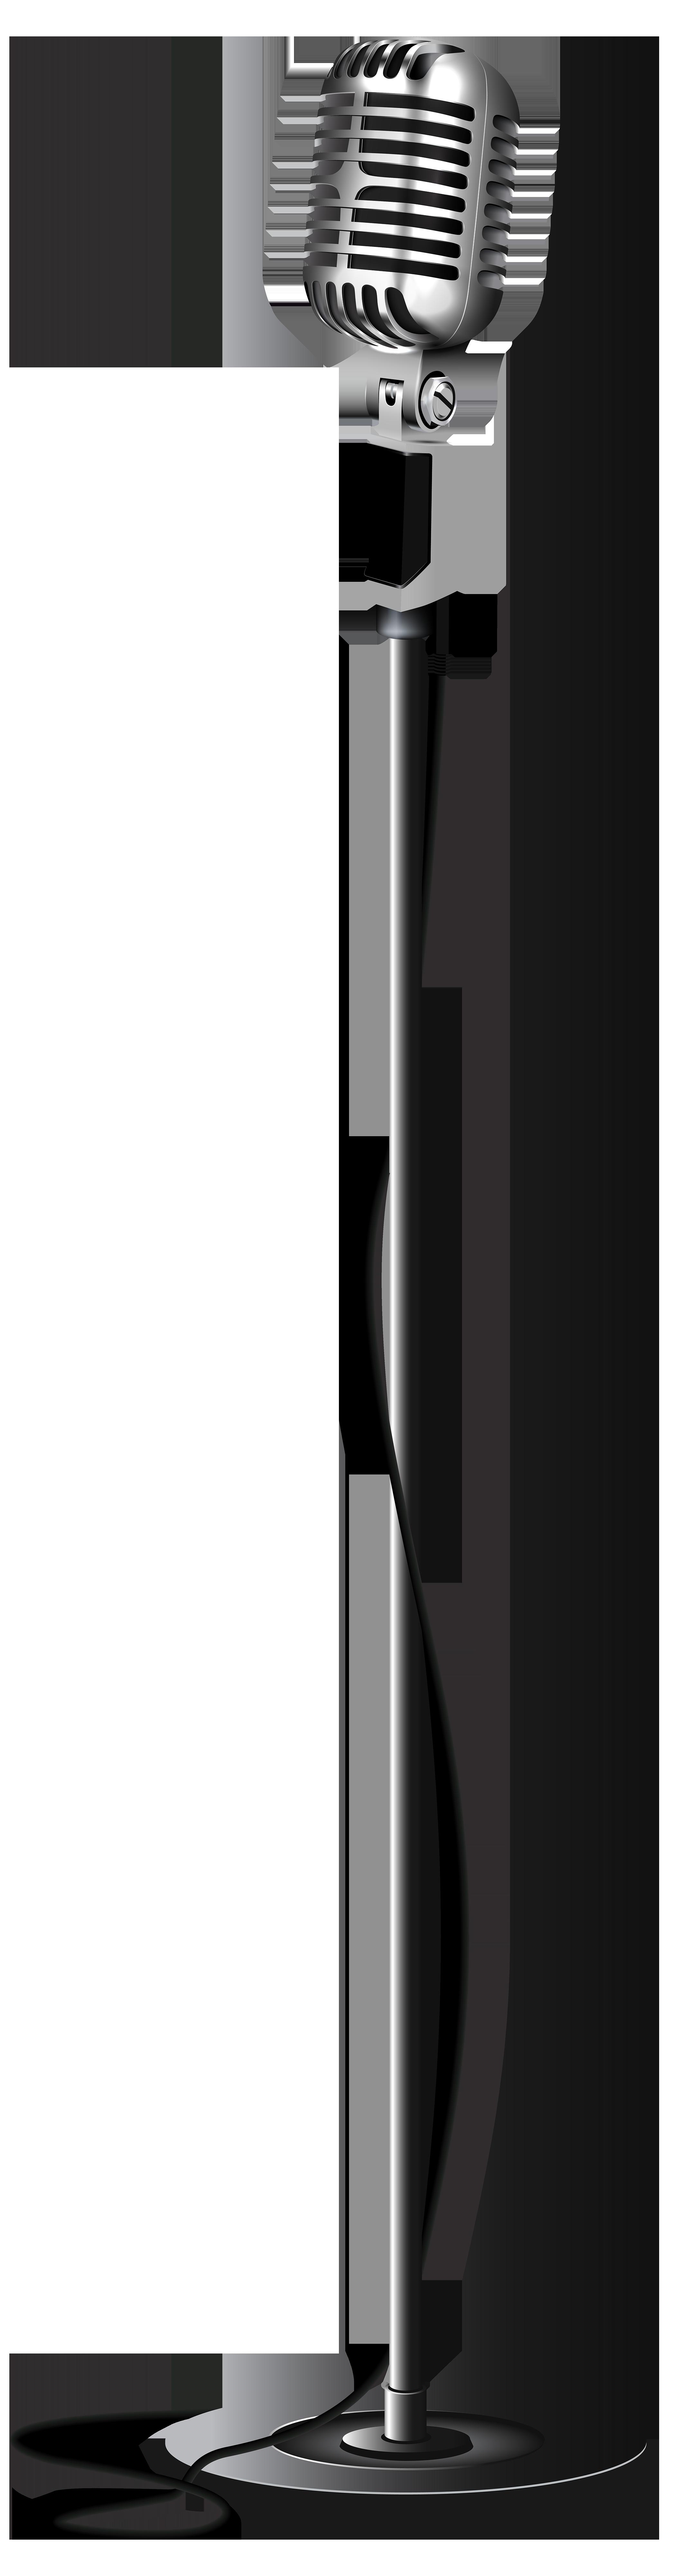 Retro Microphone PNG Transparent Clip Art Image Clip art